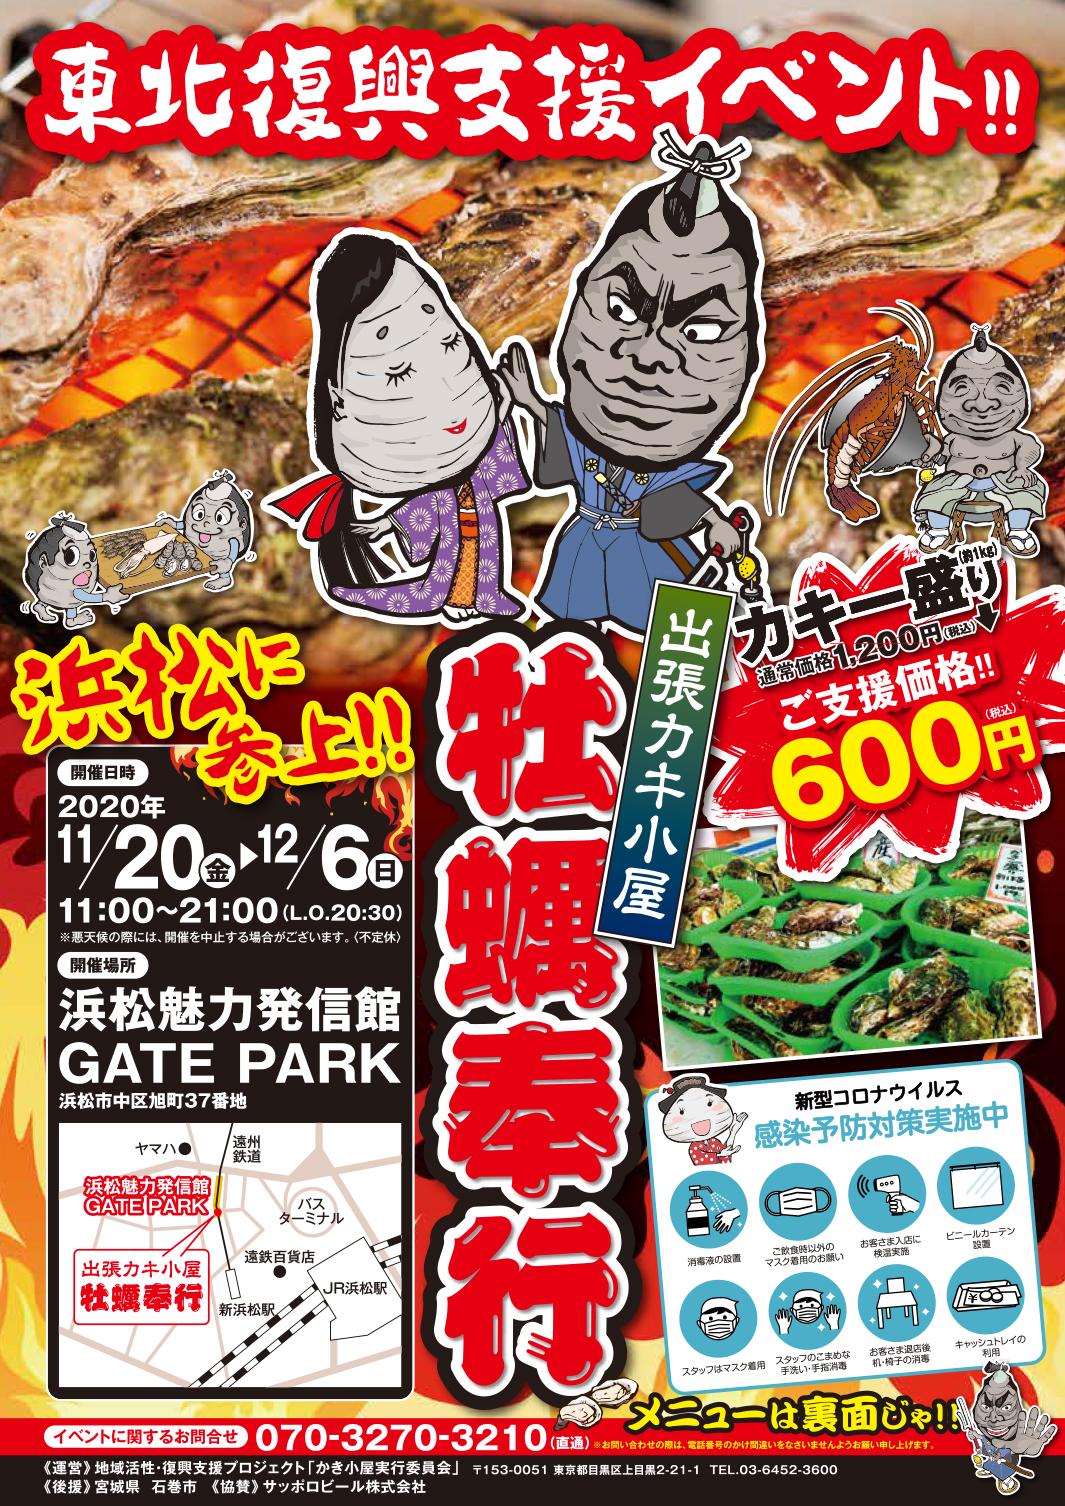 出張カキ小屋「牡蠣奉行」 in 浜松魅力発信館 GATE PARK チラシ表面